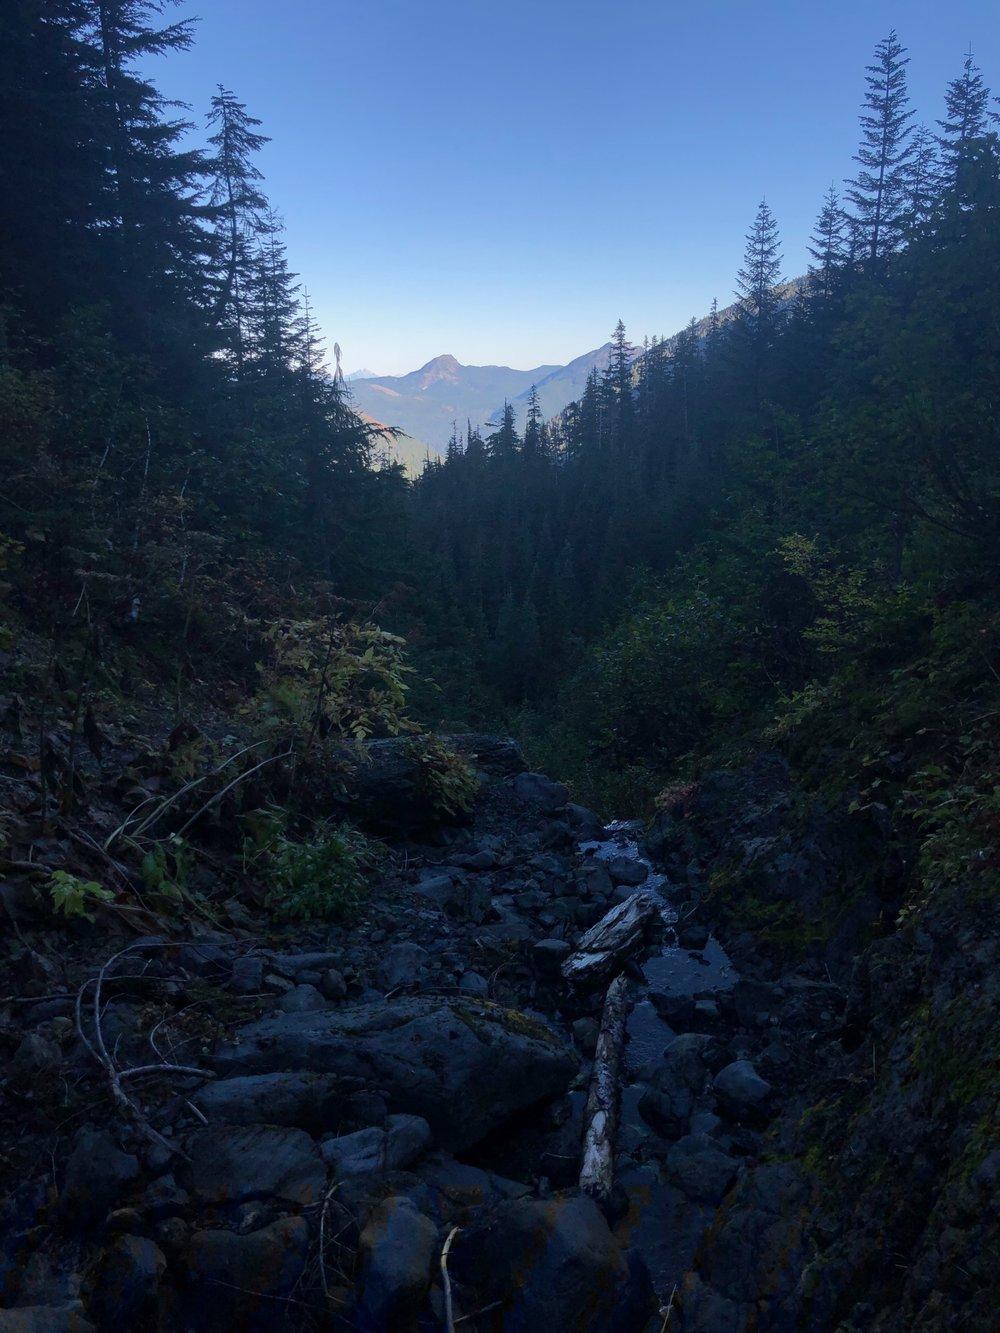 Mount Baker 10 2018 - 4.jpg